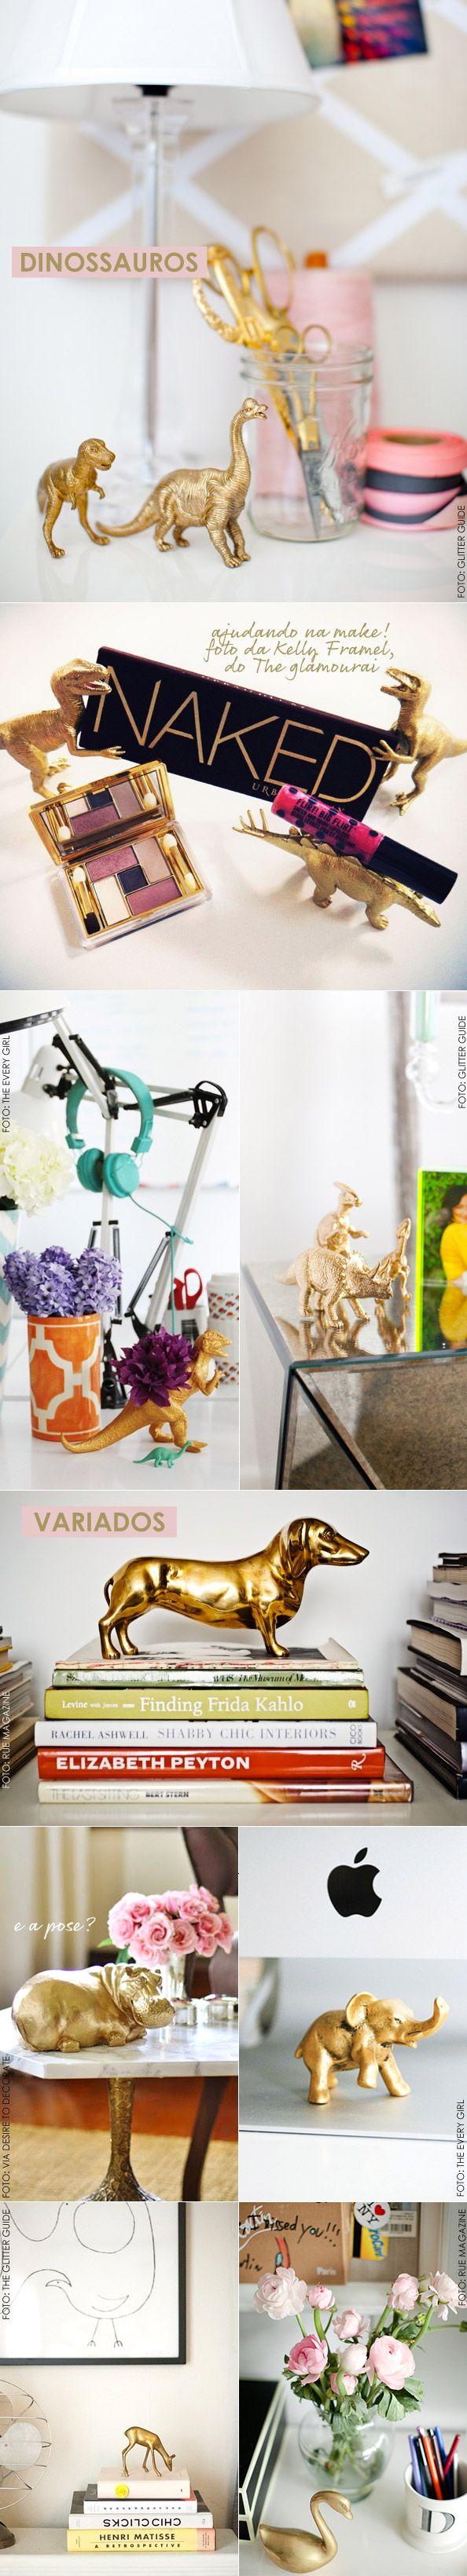 Peindre des jouets en argent ou en blanc, comme une sorte de rappel dans toutes les pièces de la maison (cale-porte, presse papiers et presse livres, patères d'enfant,...)